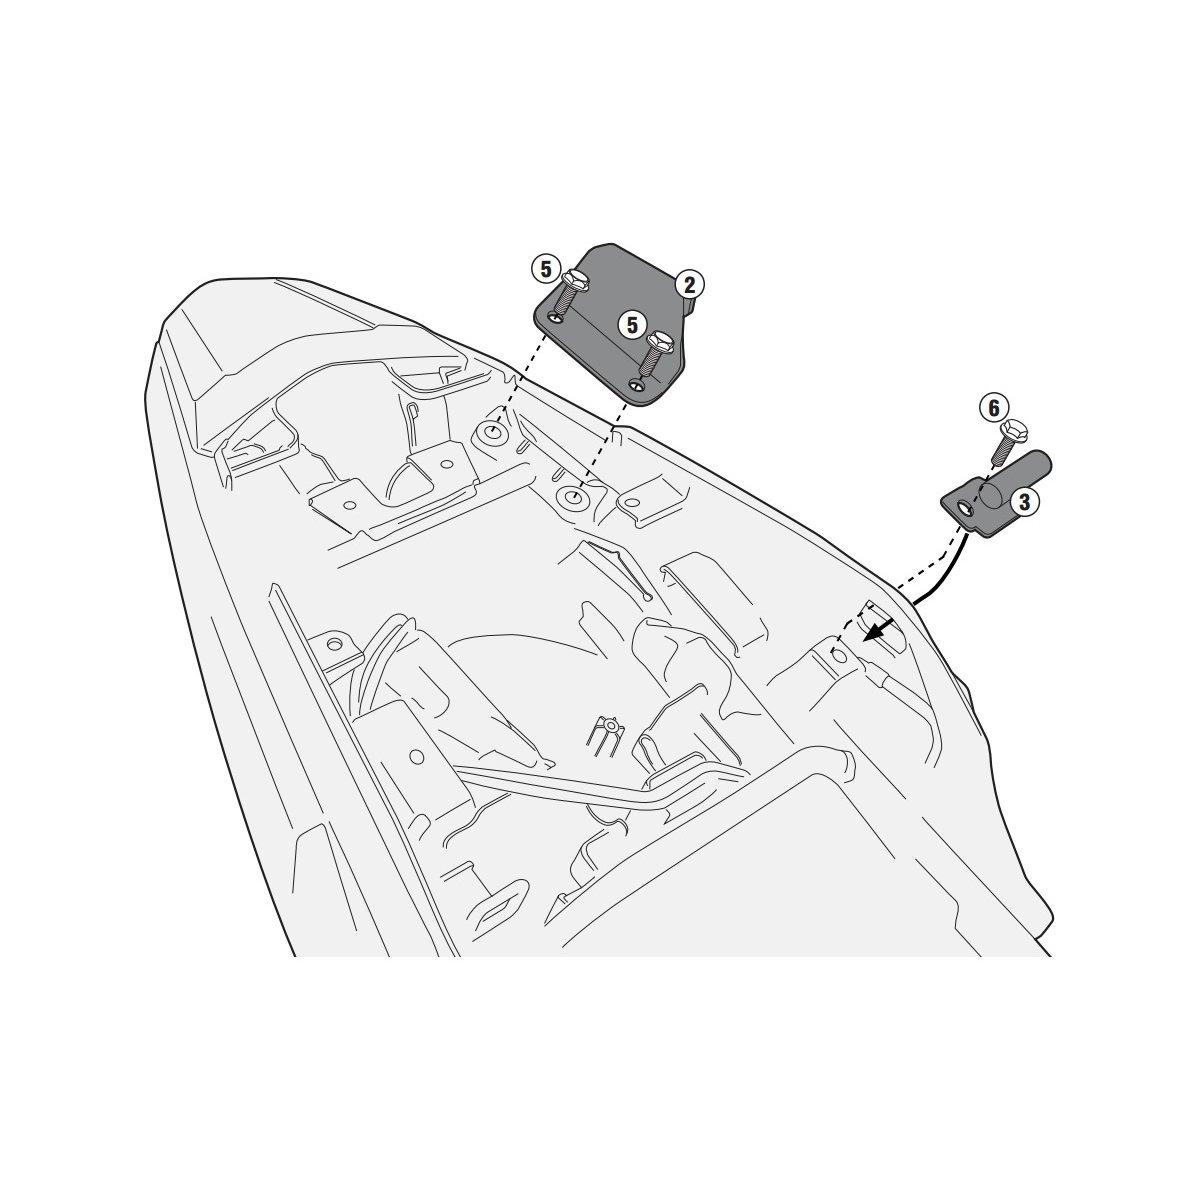 Kit de fixação Givi 1121KIT para PL1121/PL1121CAM sem o monorack Honda CB500X- Pronta Entrega  - Nova Suzuki Motos e Acessórios